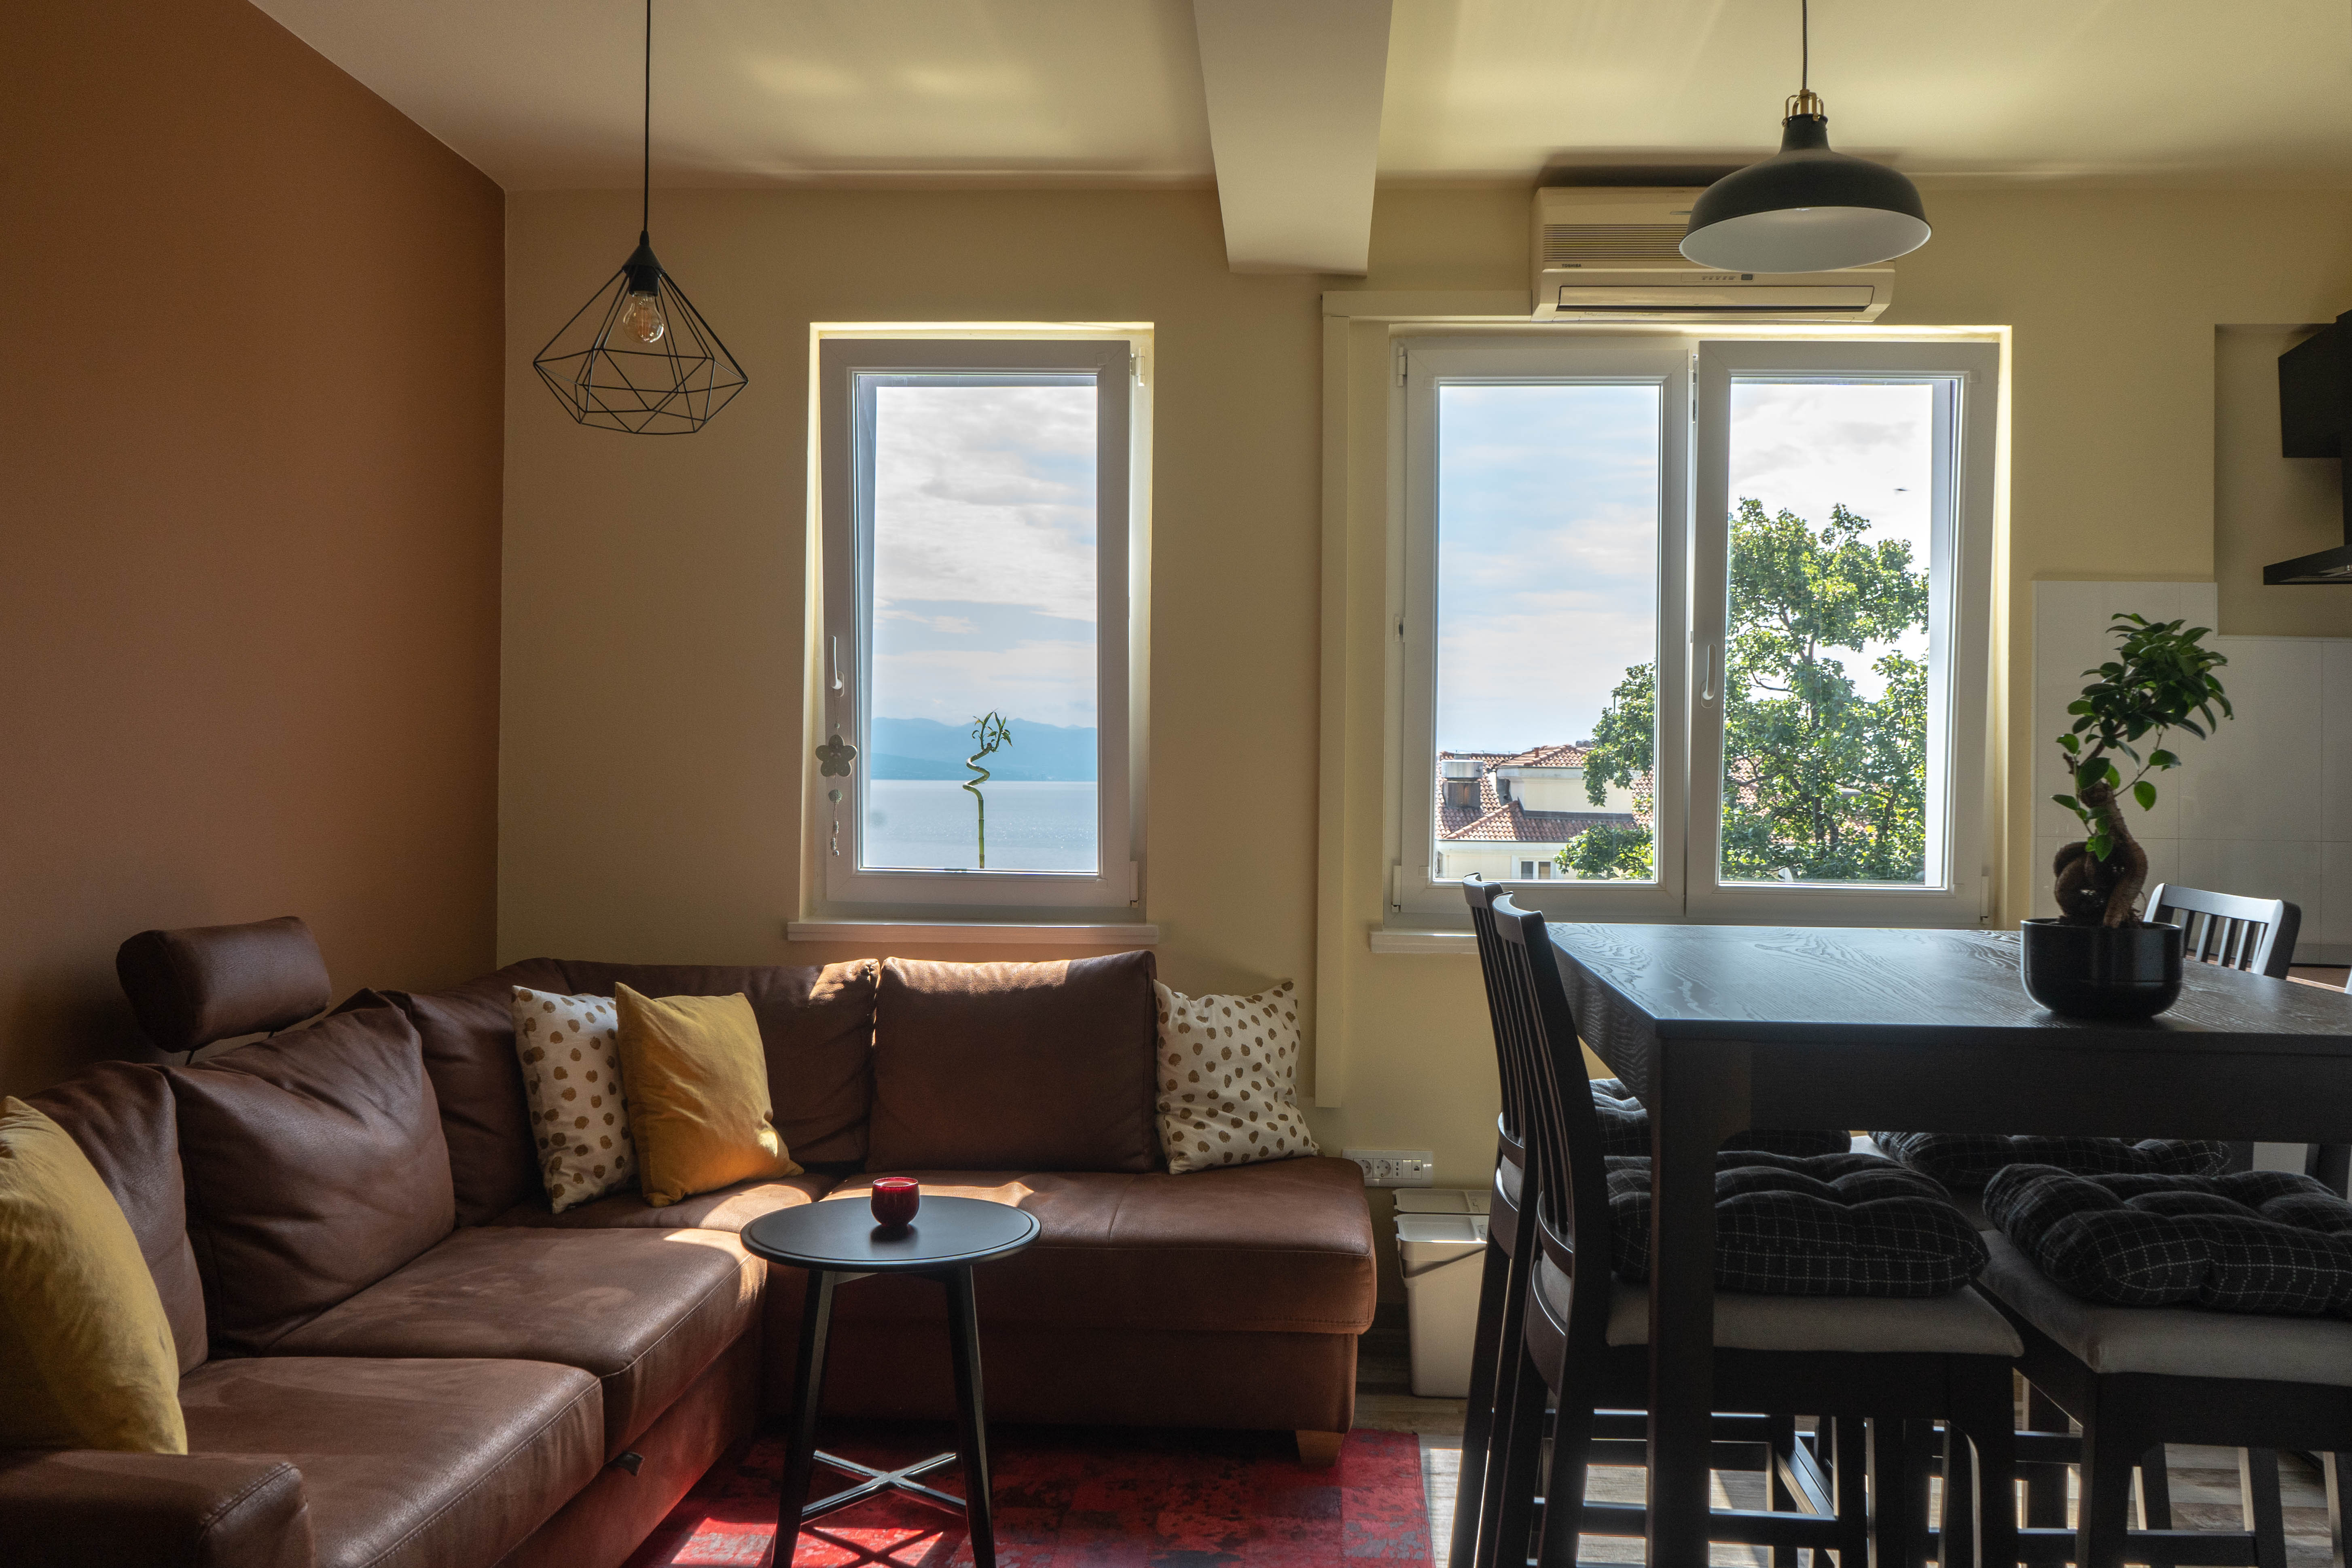 Appartement de vacances Wohnung mit Meerblick (2819649), Opatija, , Kvarner, Croatie, image 6